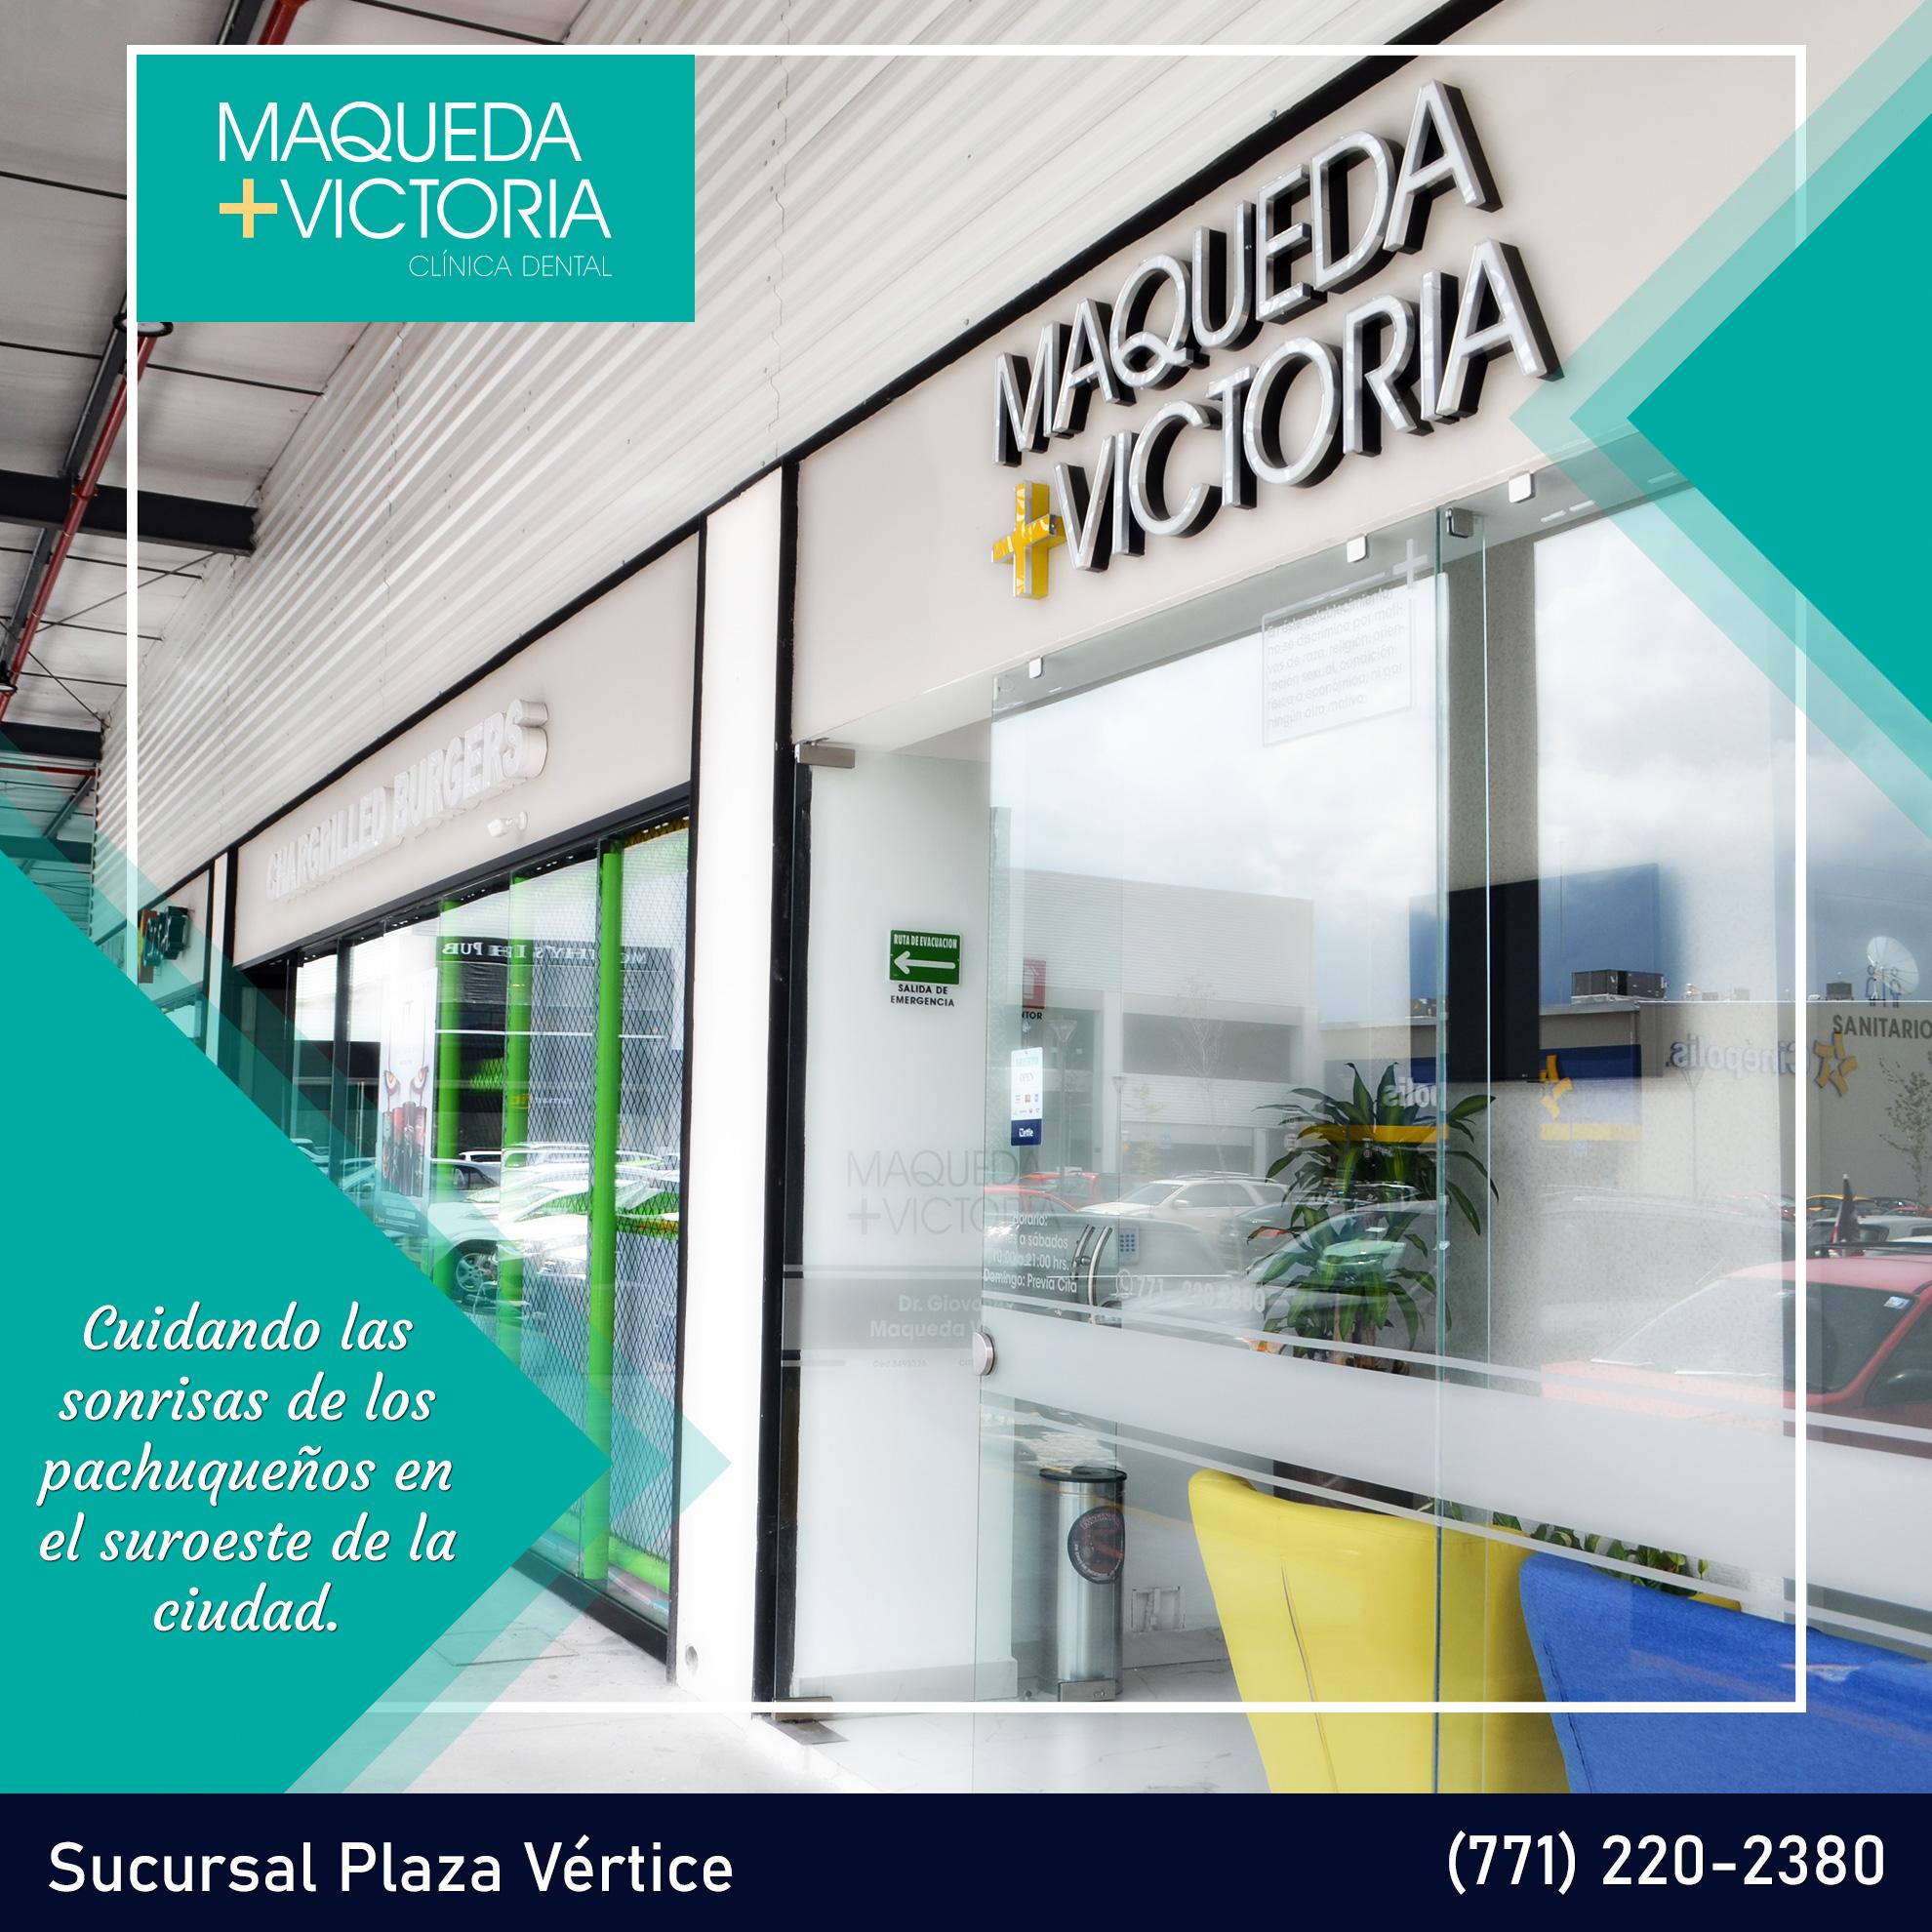 Maqueda + Victoria – Social Media Manager